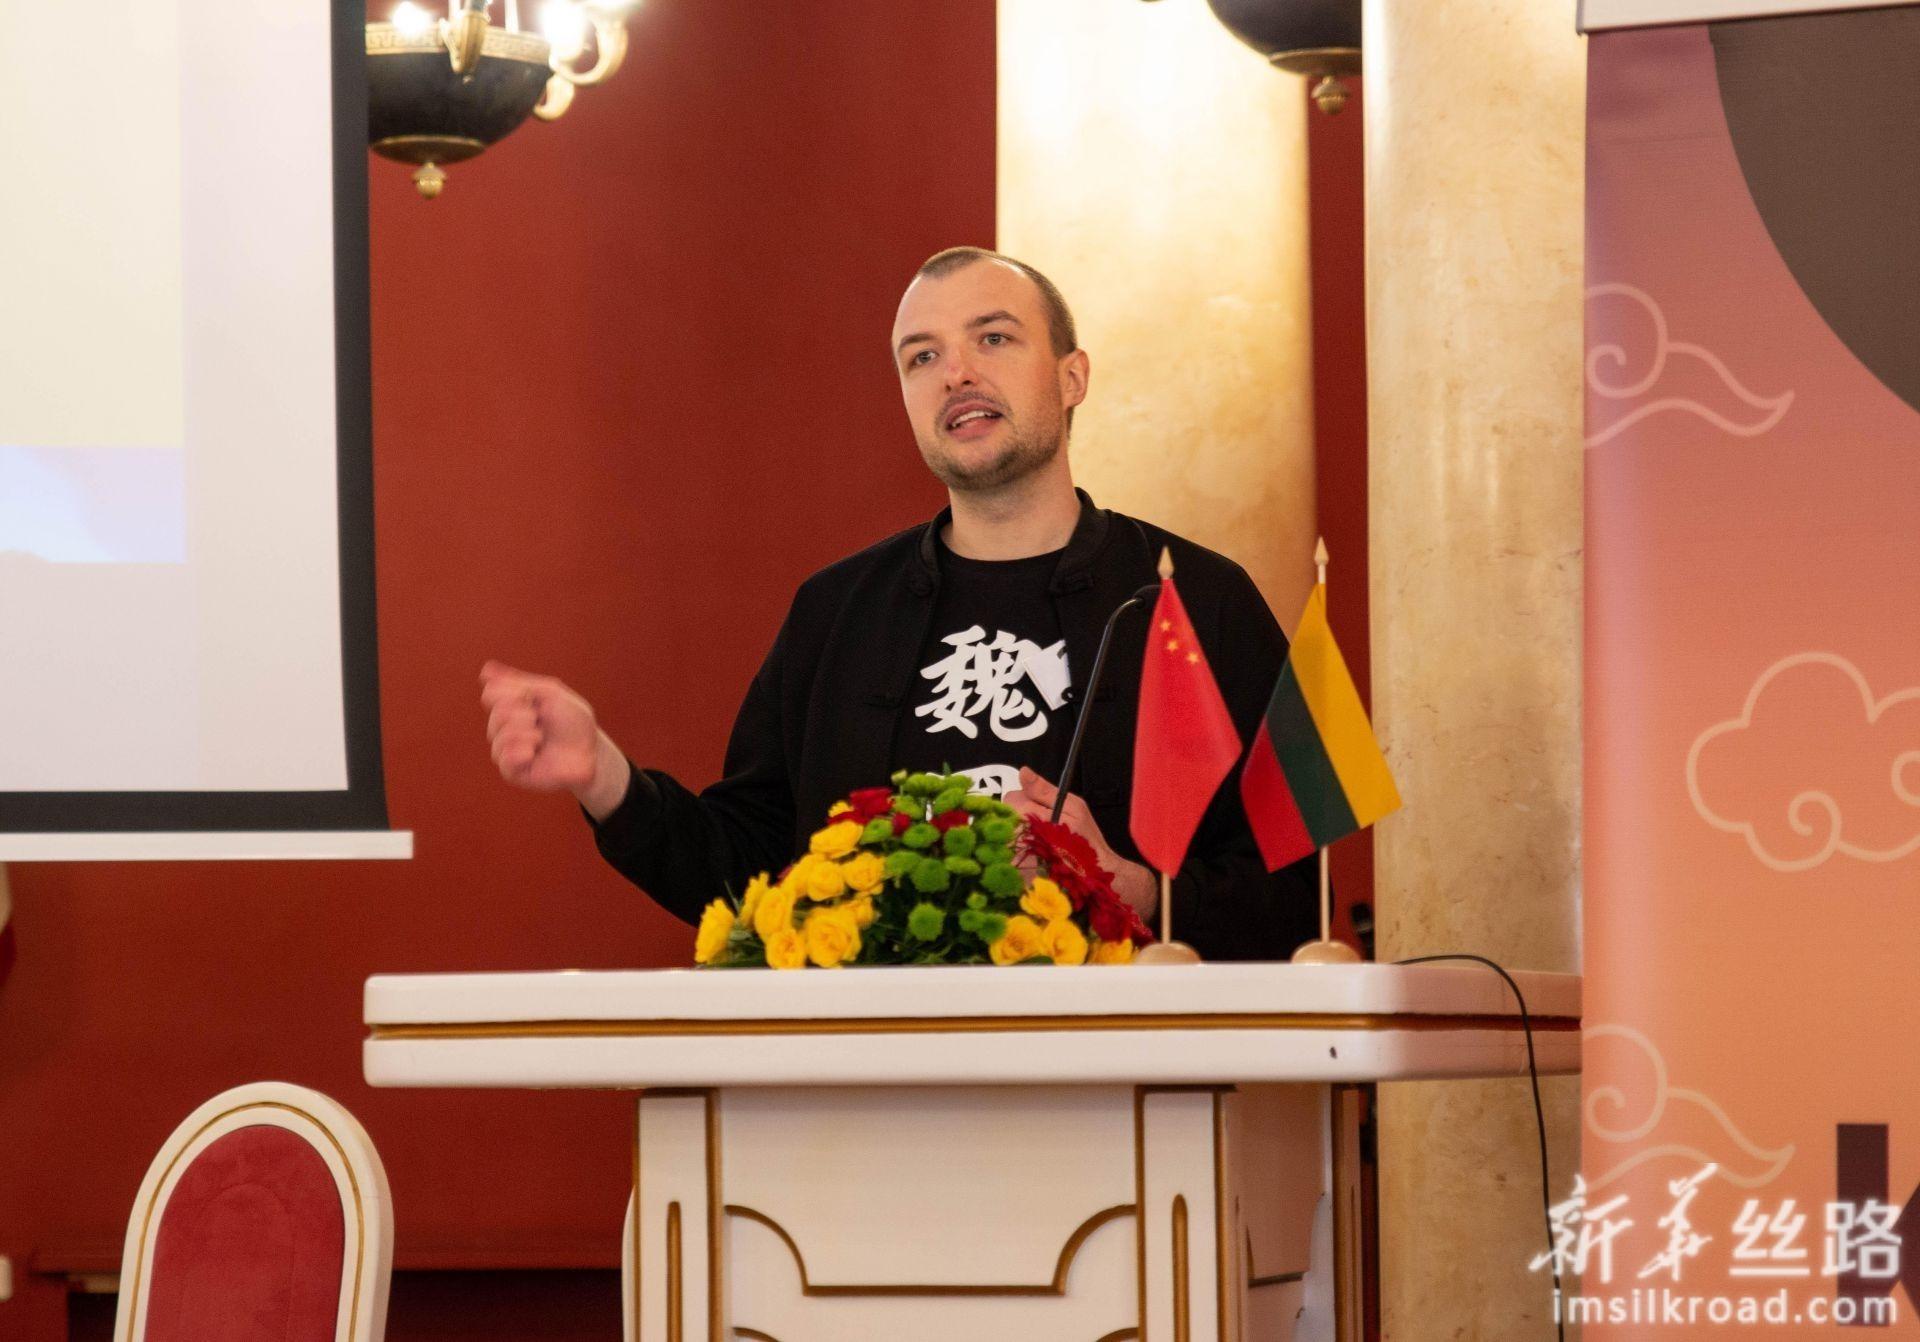 5月4日,在立陶宛首都维尔纽斯,大学生组参赛选手魏嘉成在比赛中演讲。新华社发(斯特凡尼娅摄)